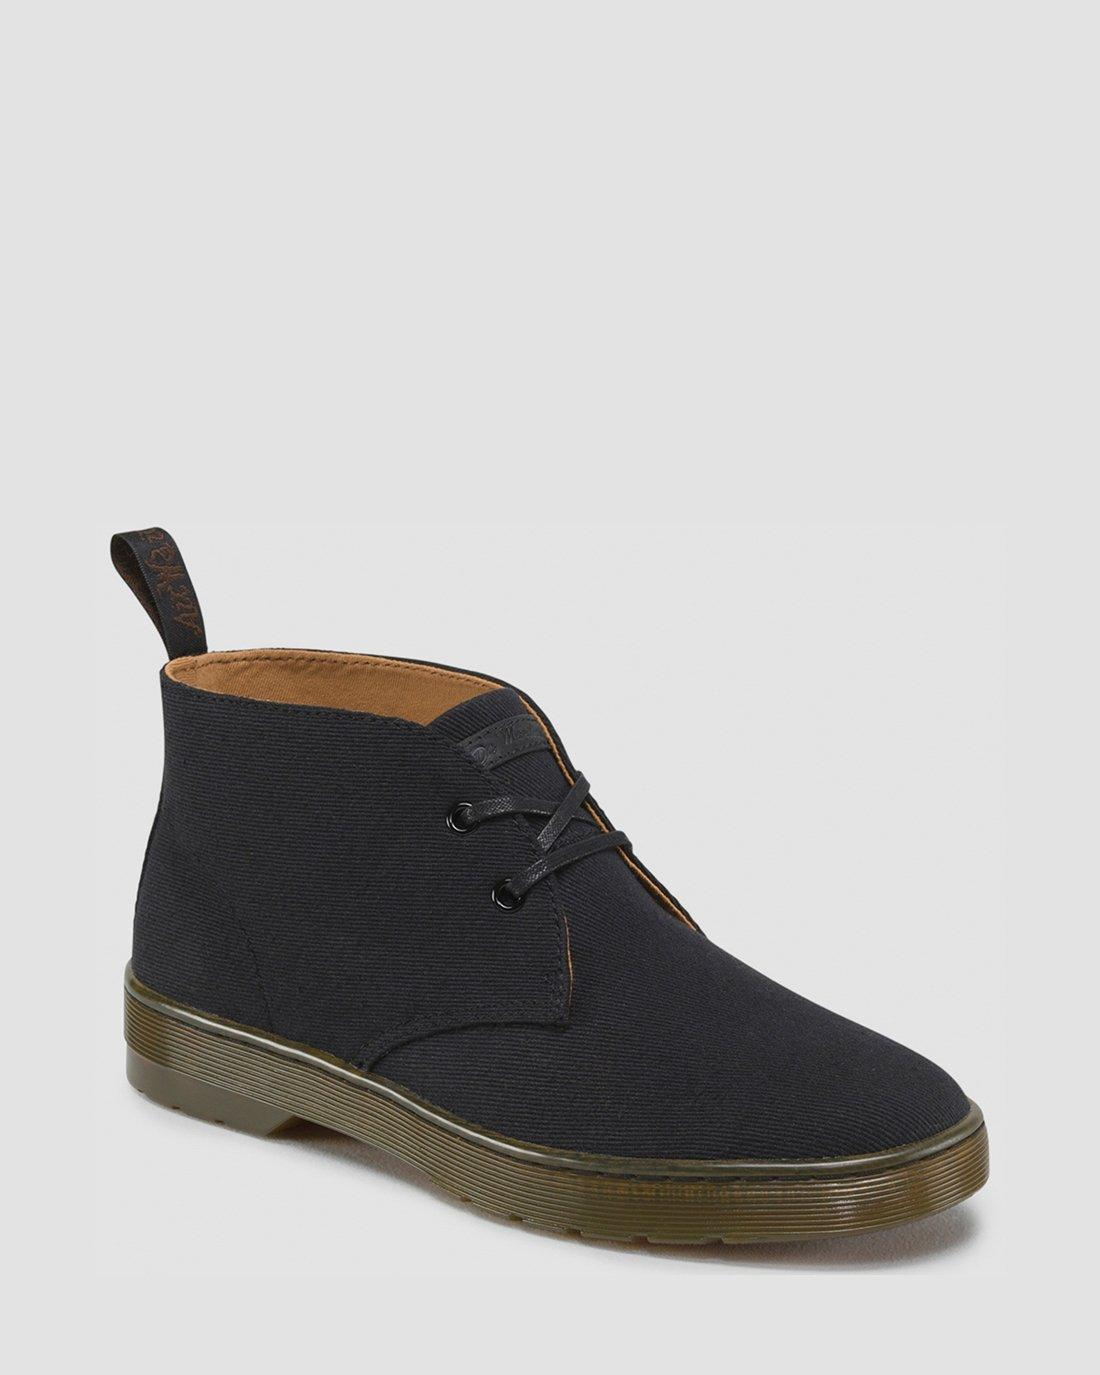 Dr. Martens Canvas Boots Dr Martens Mayport Old Oxblood